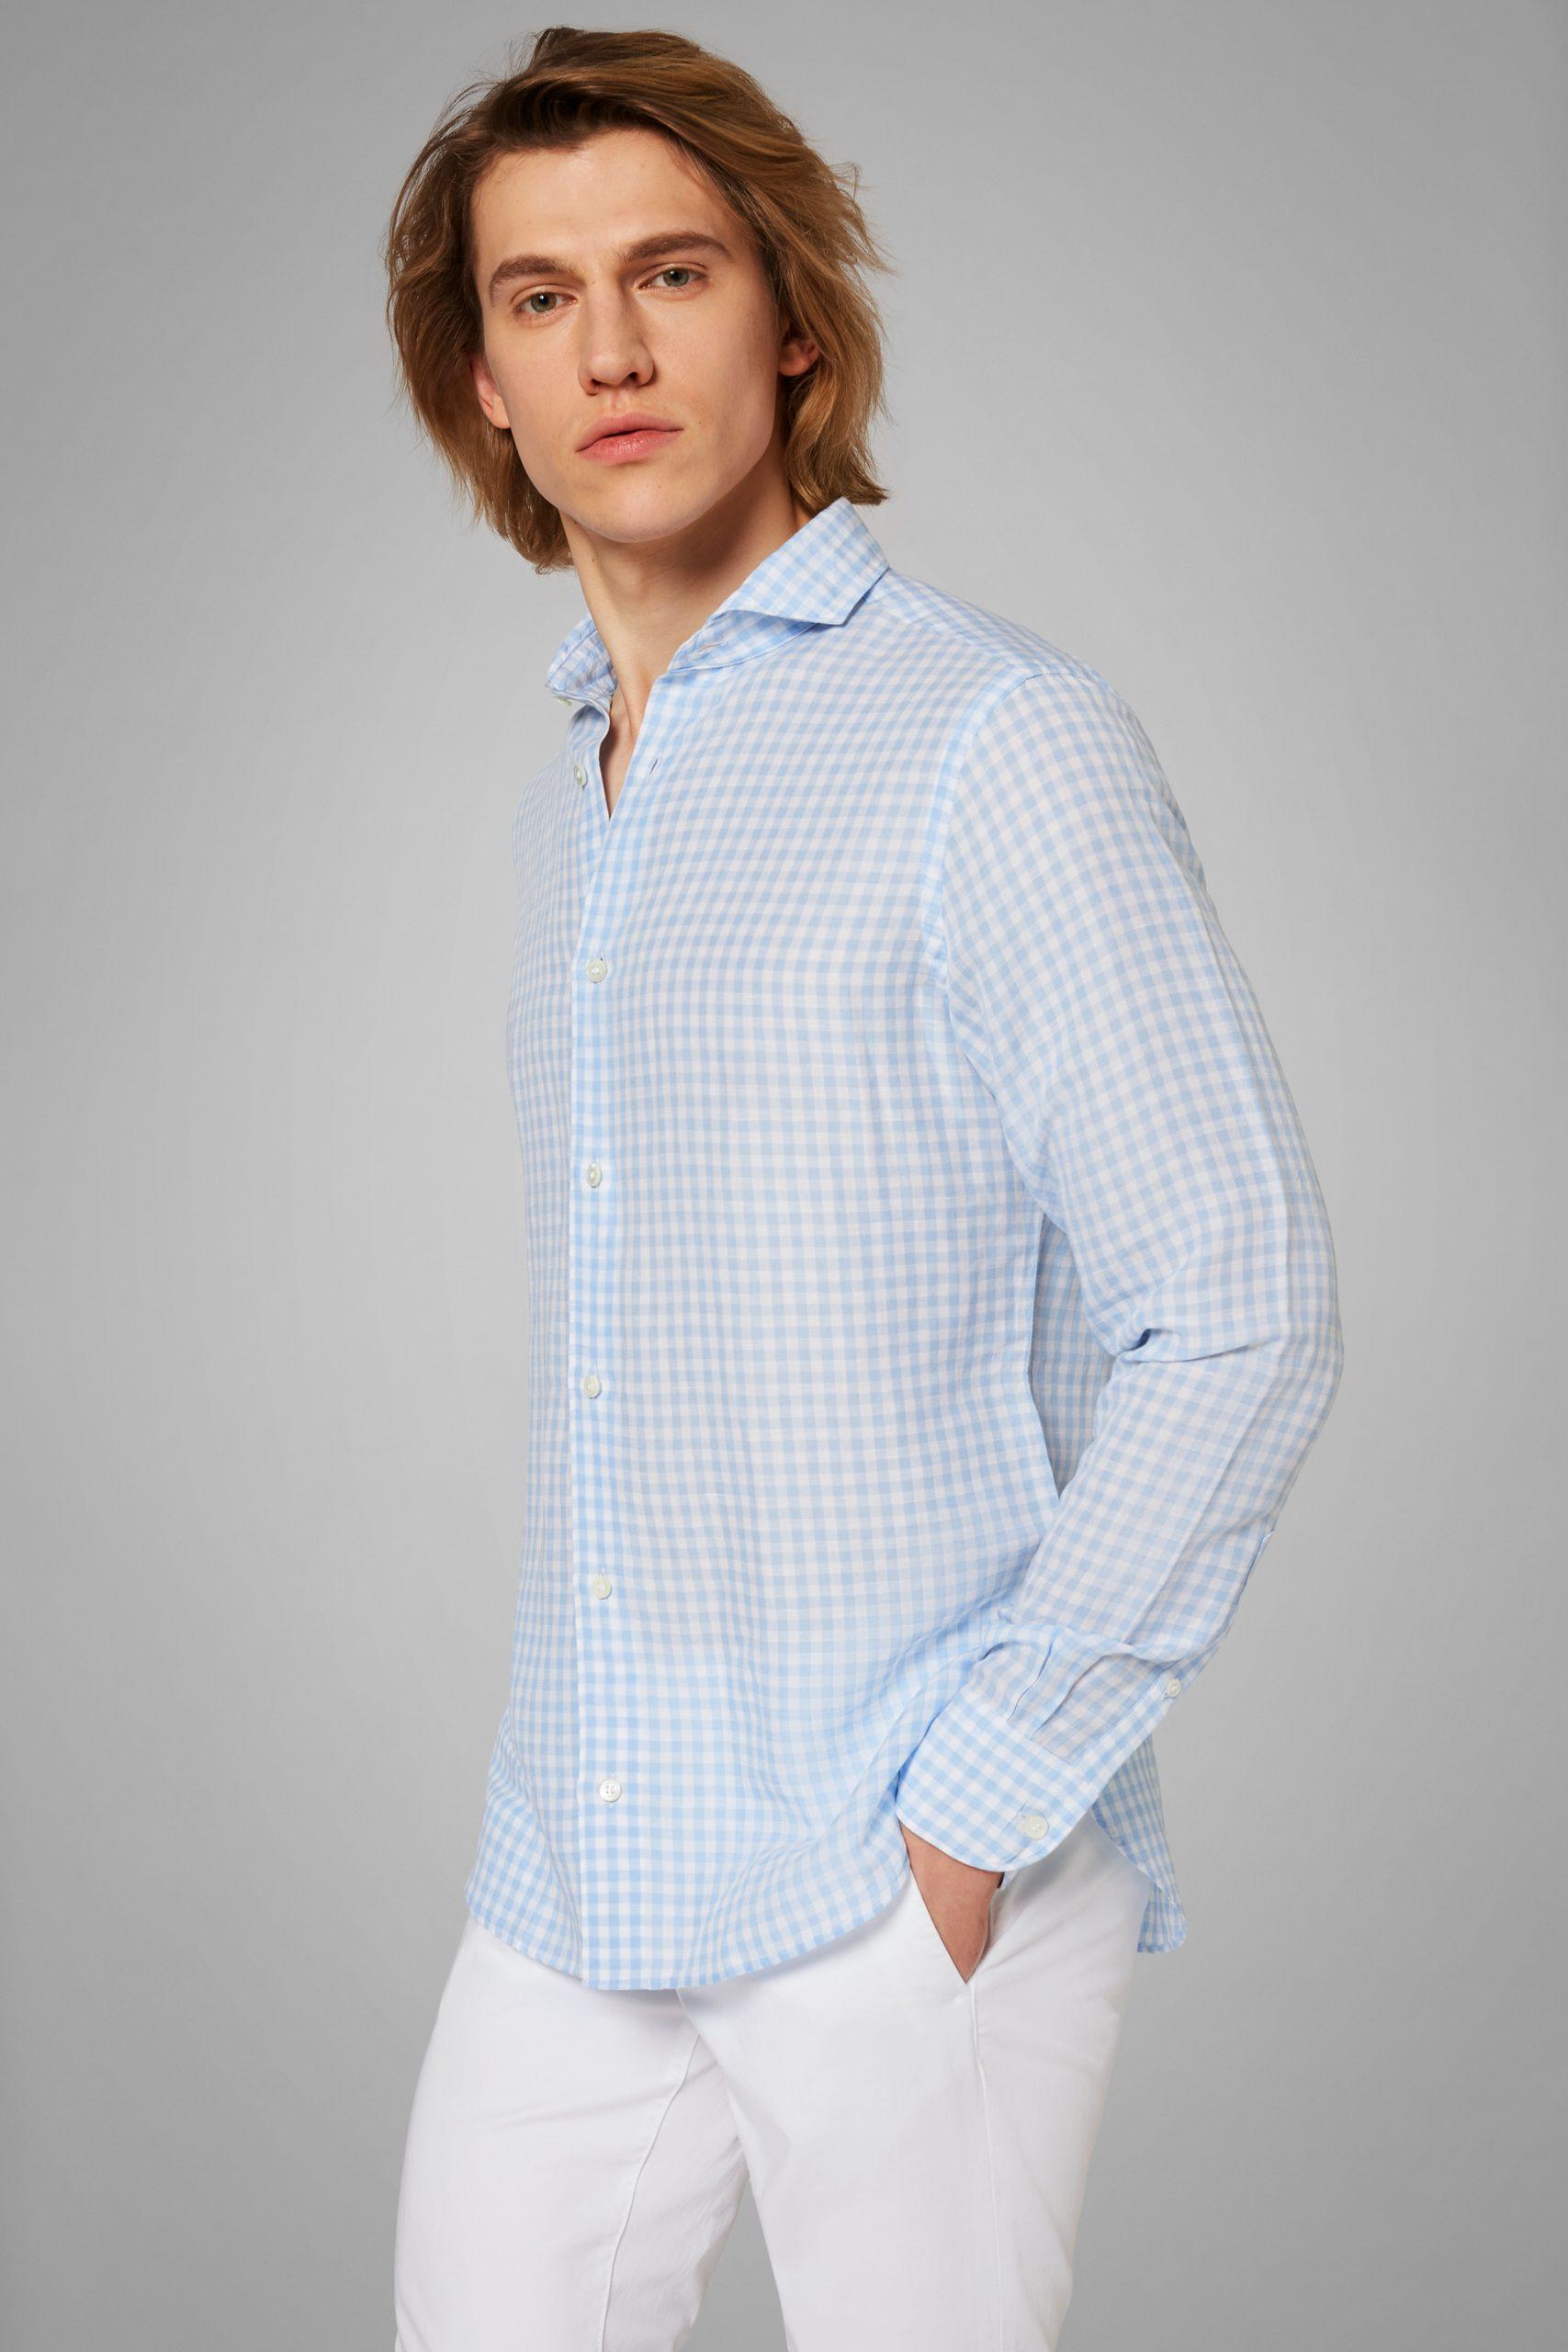 Camicie da uomo in colore Azzurro in materiale